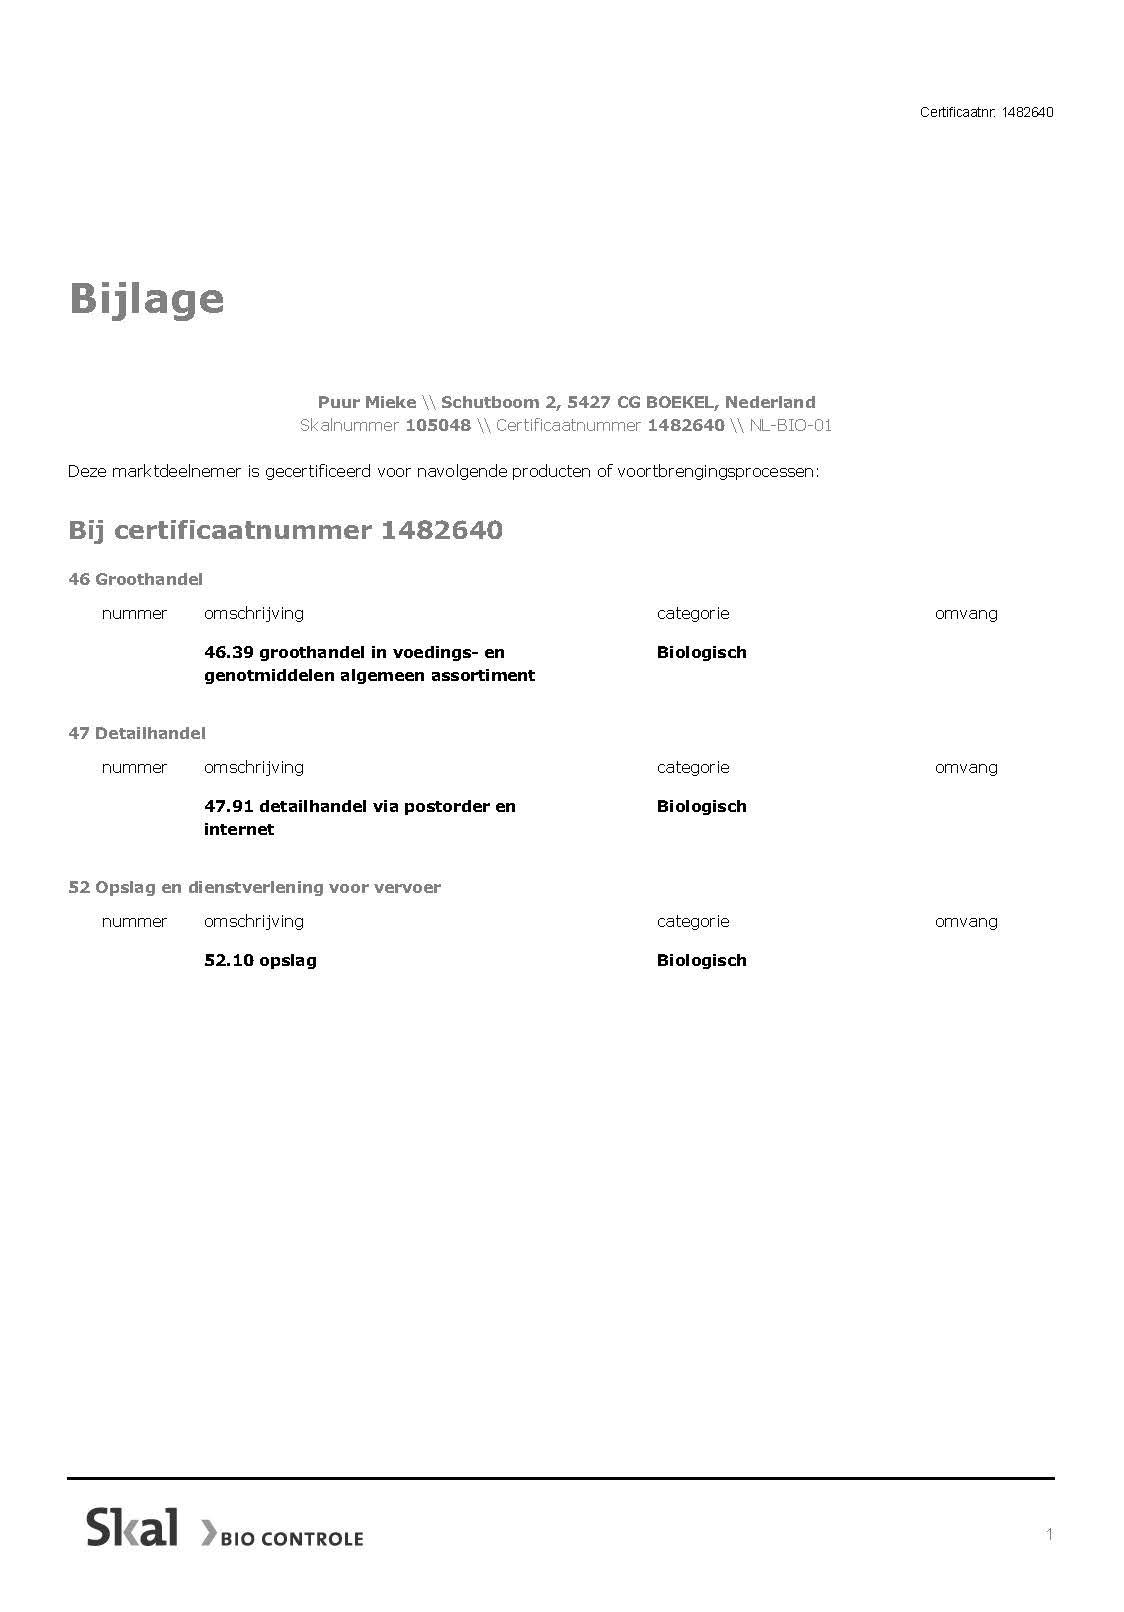 SKAL bio certificaat bijlage